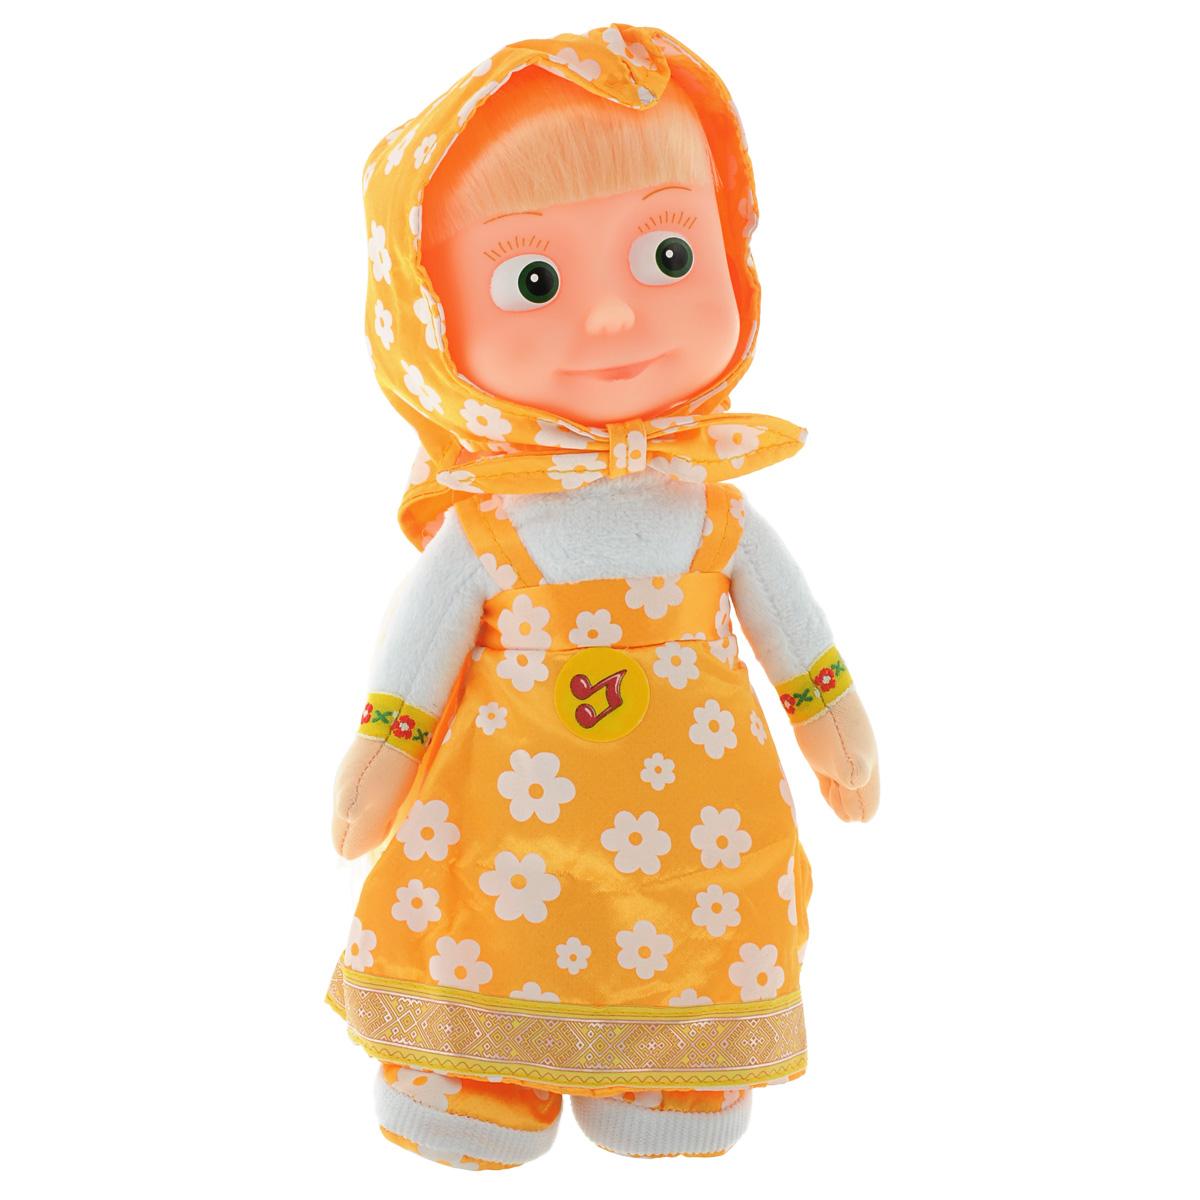 Мульти-Пульти Мягкая кукла Маша мульти пульти мягкая игрушка маша 30 см со звуком маша и медведь мульти пульти